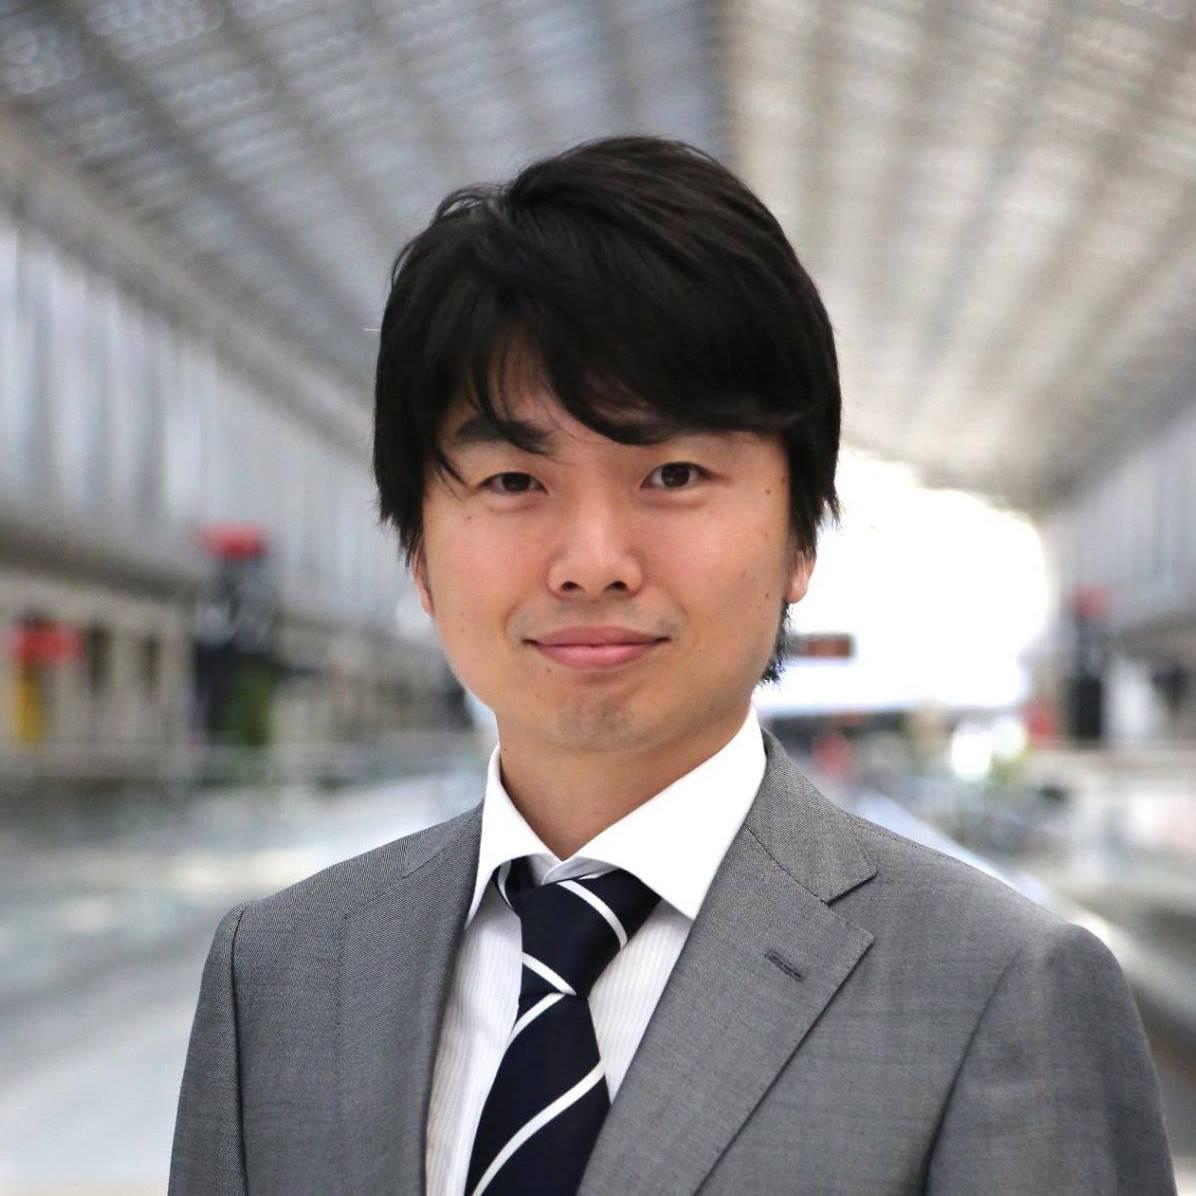 人間関係カウンセリング カタリスト 神戸正博